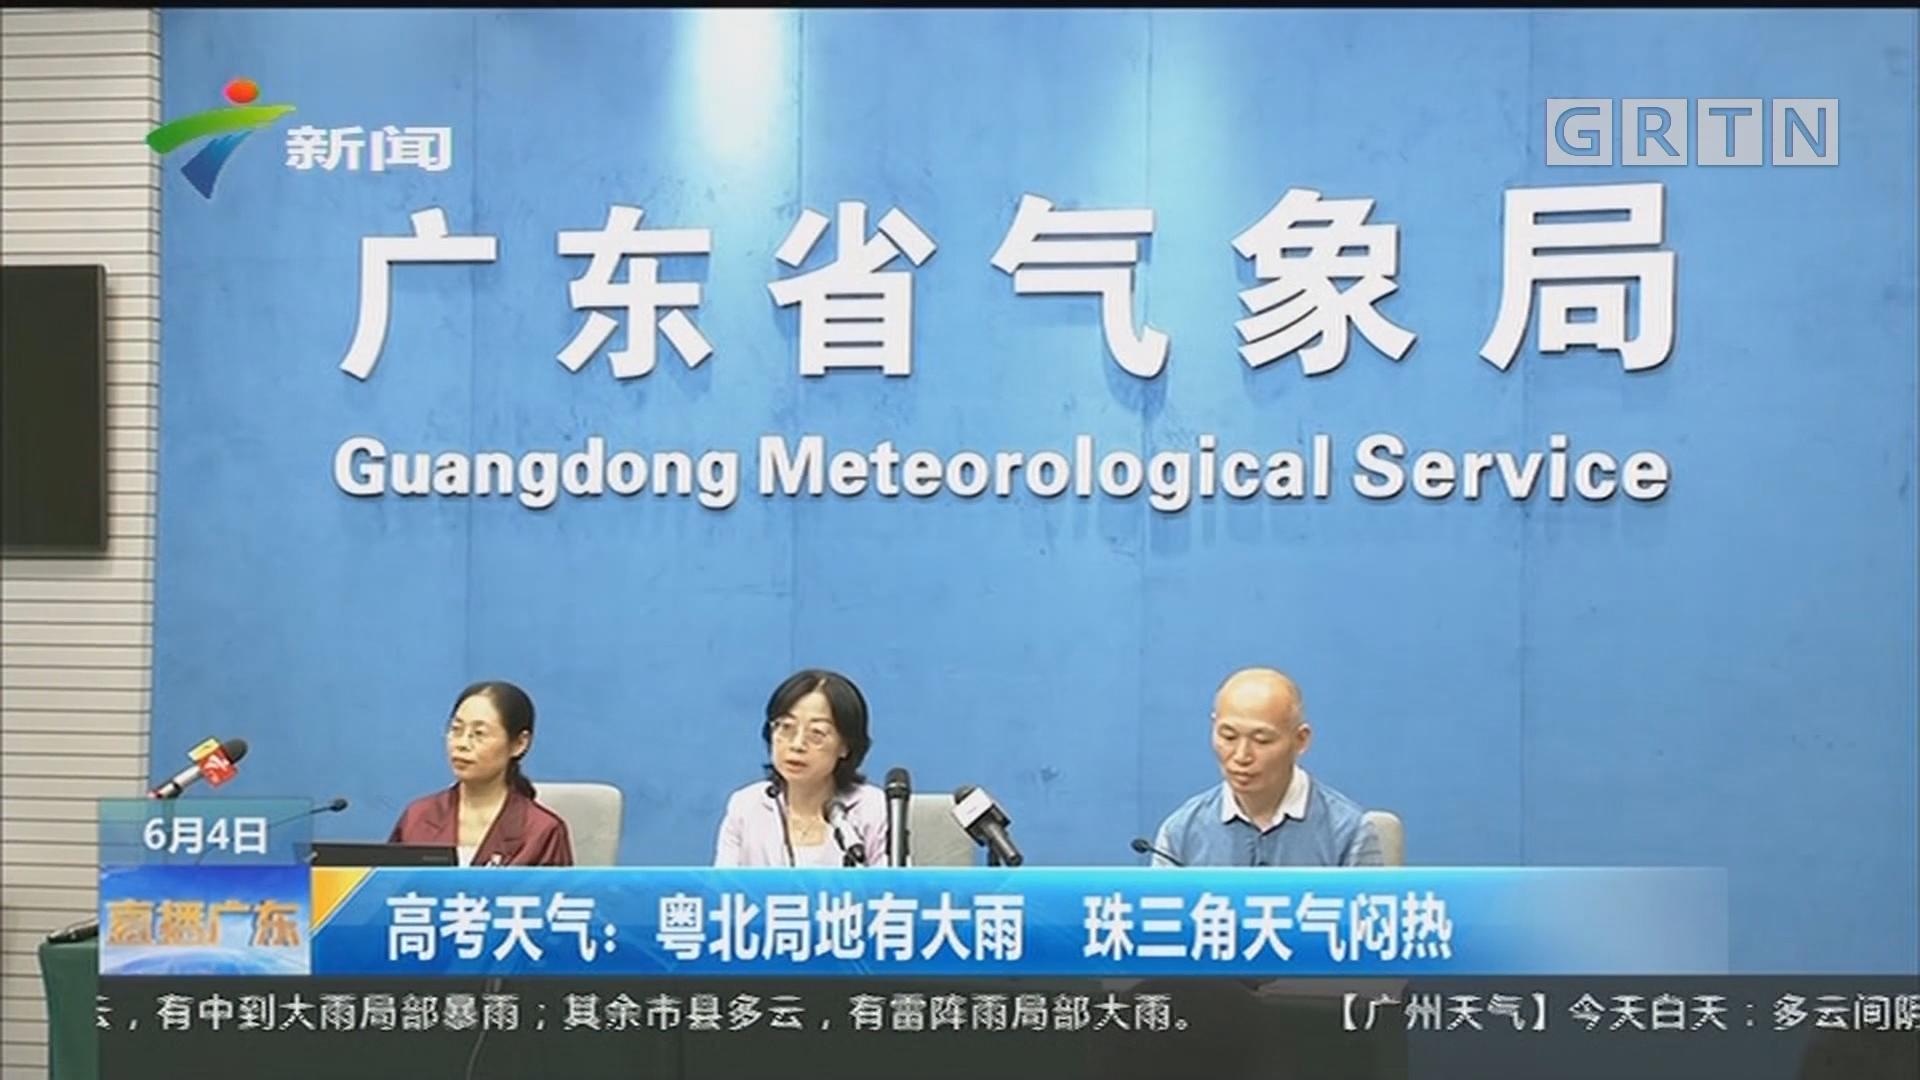 直播廣東:高考天氣:粵北局地有大雨 珠三角天氣悶熱